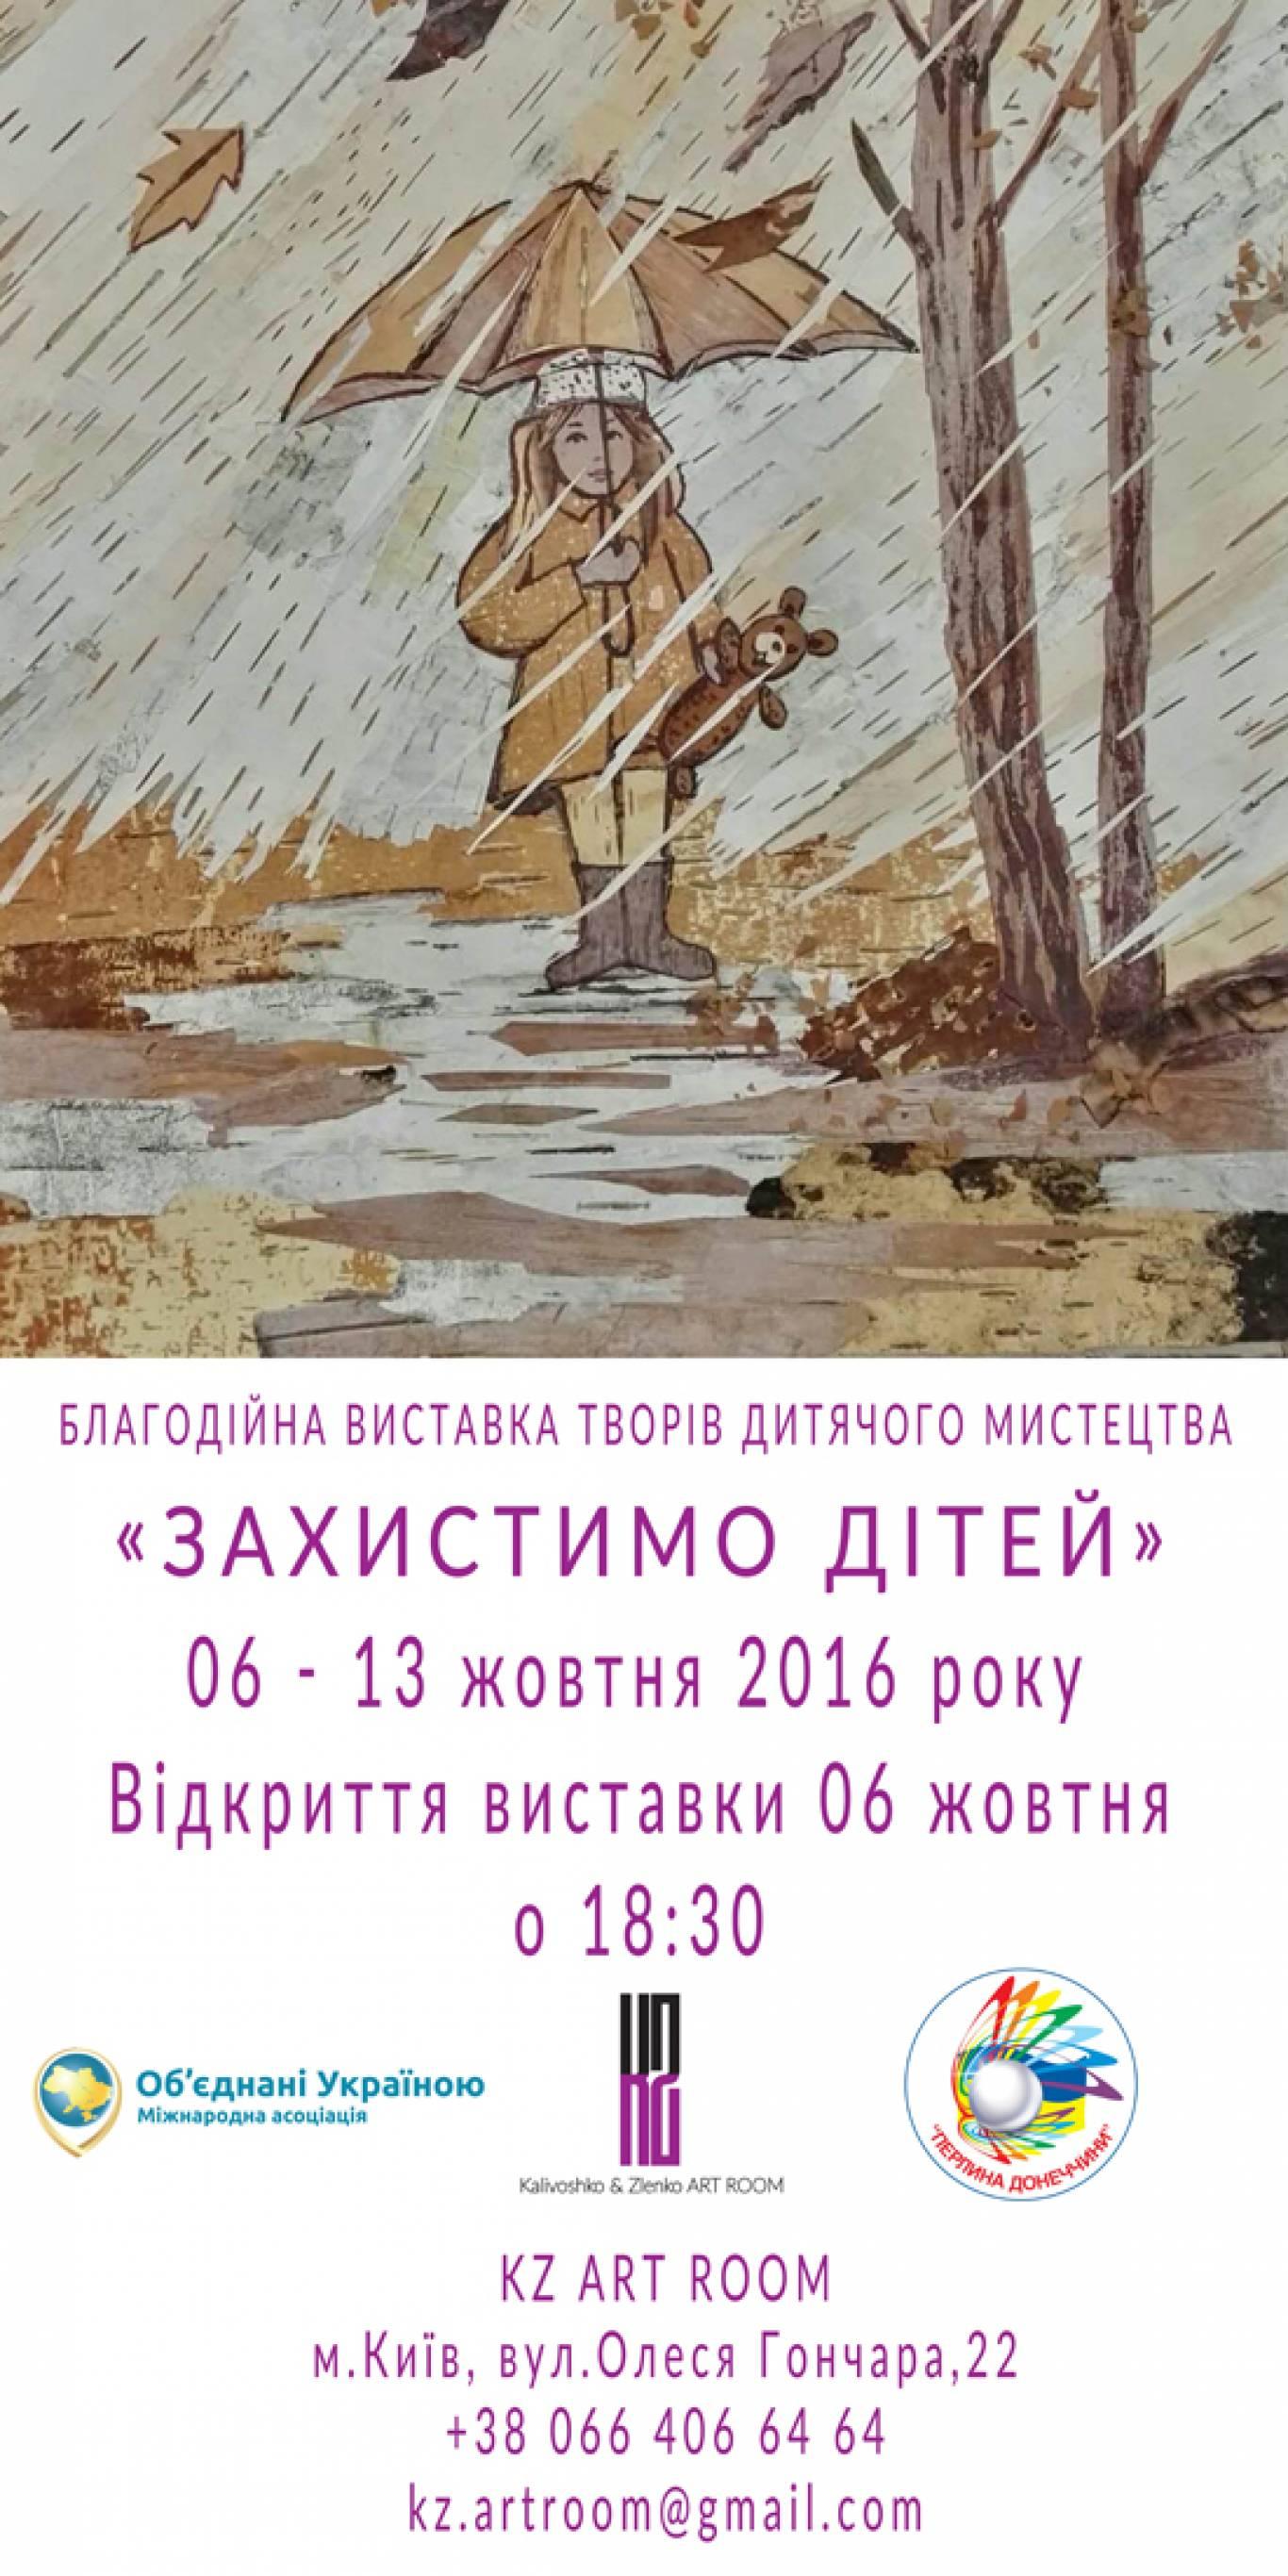 Благодійна виставка дитячої творчості «Захистимо дітей»